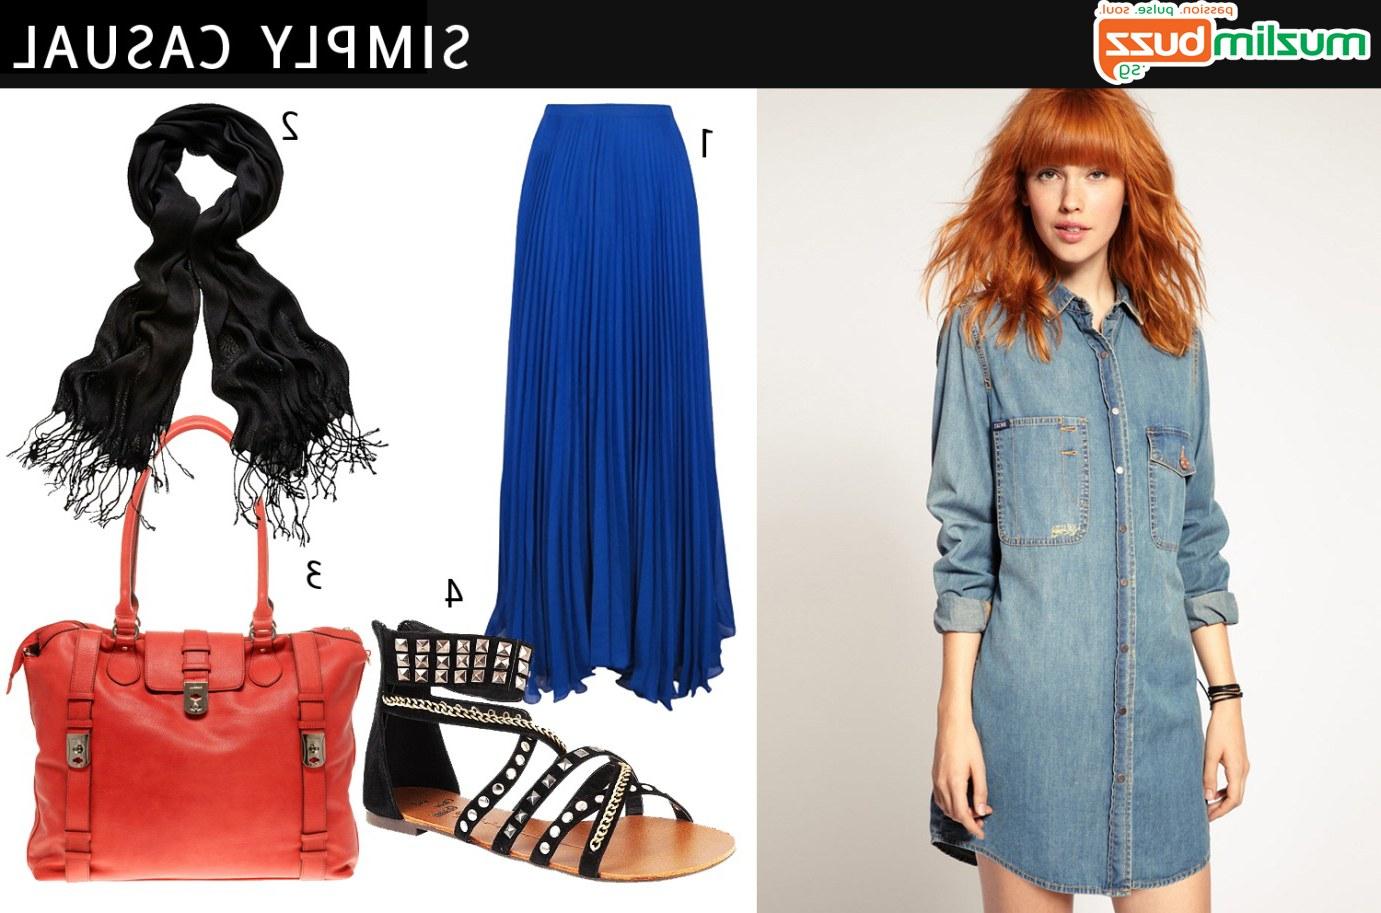 Ide Fashion Muslimah Etdg Great Muslimah Fashion Options – Muzlimbuzz